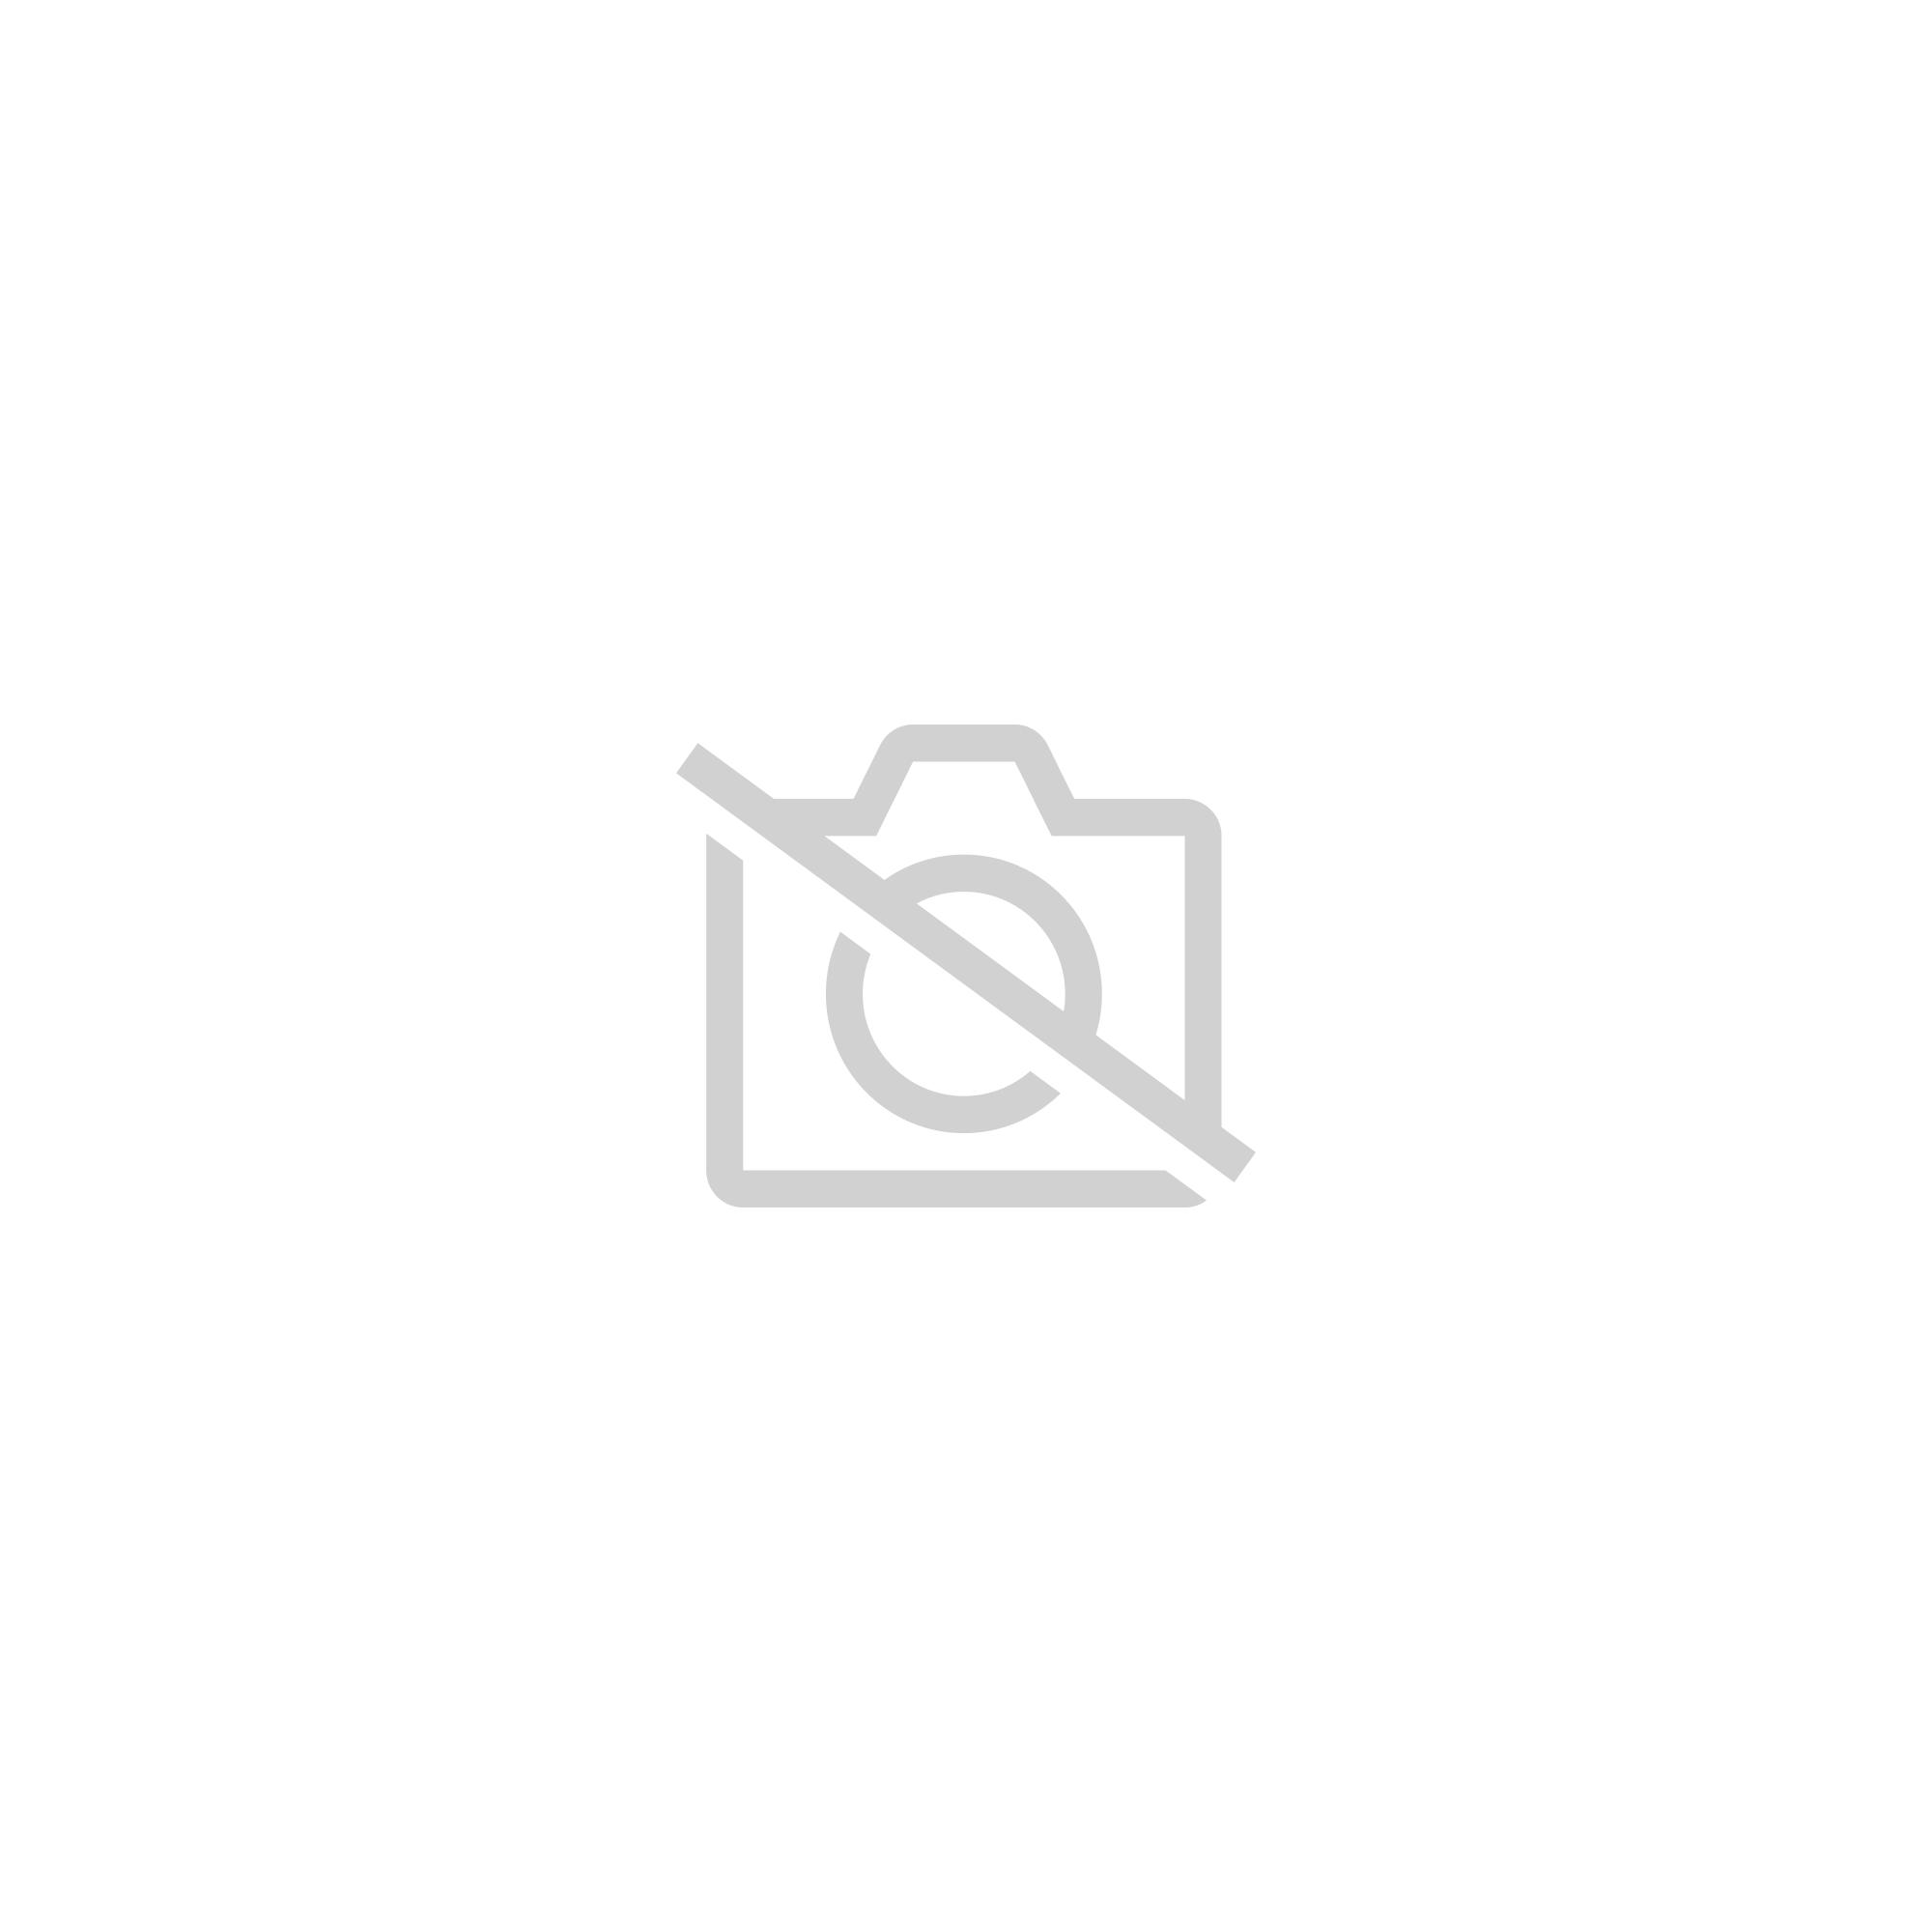 Su-30 Mkk Flanker G (Plastic Model) Su-30 Mkk Flanker G (Plastic Model)